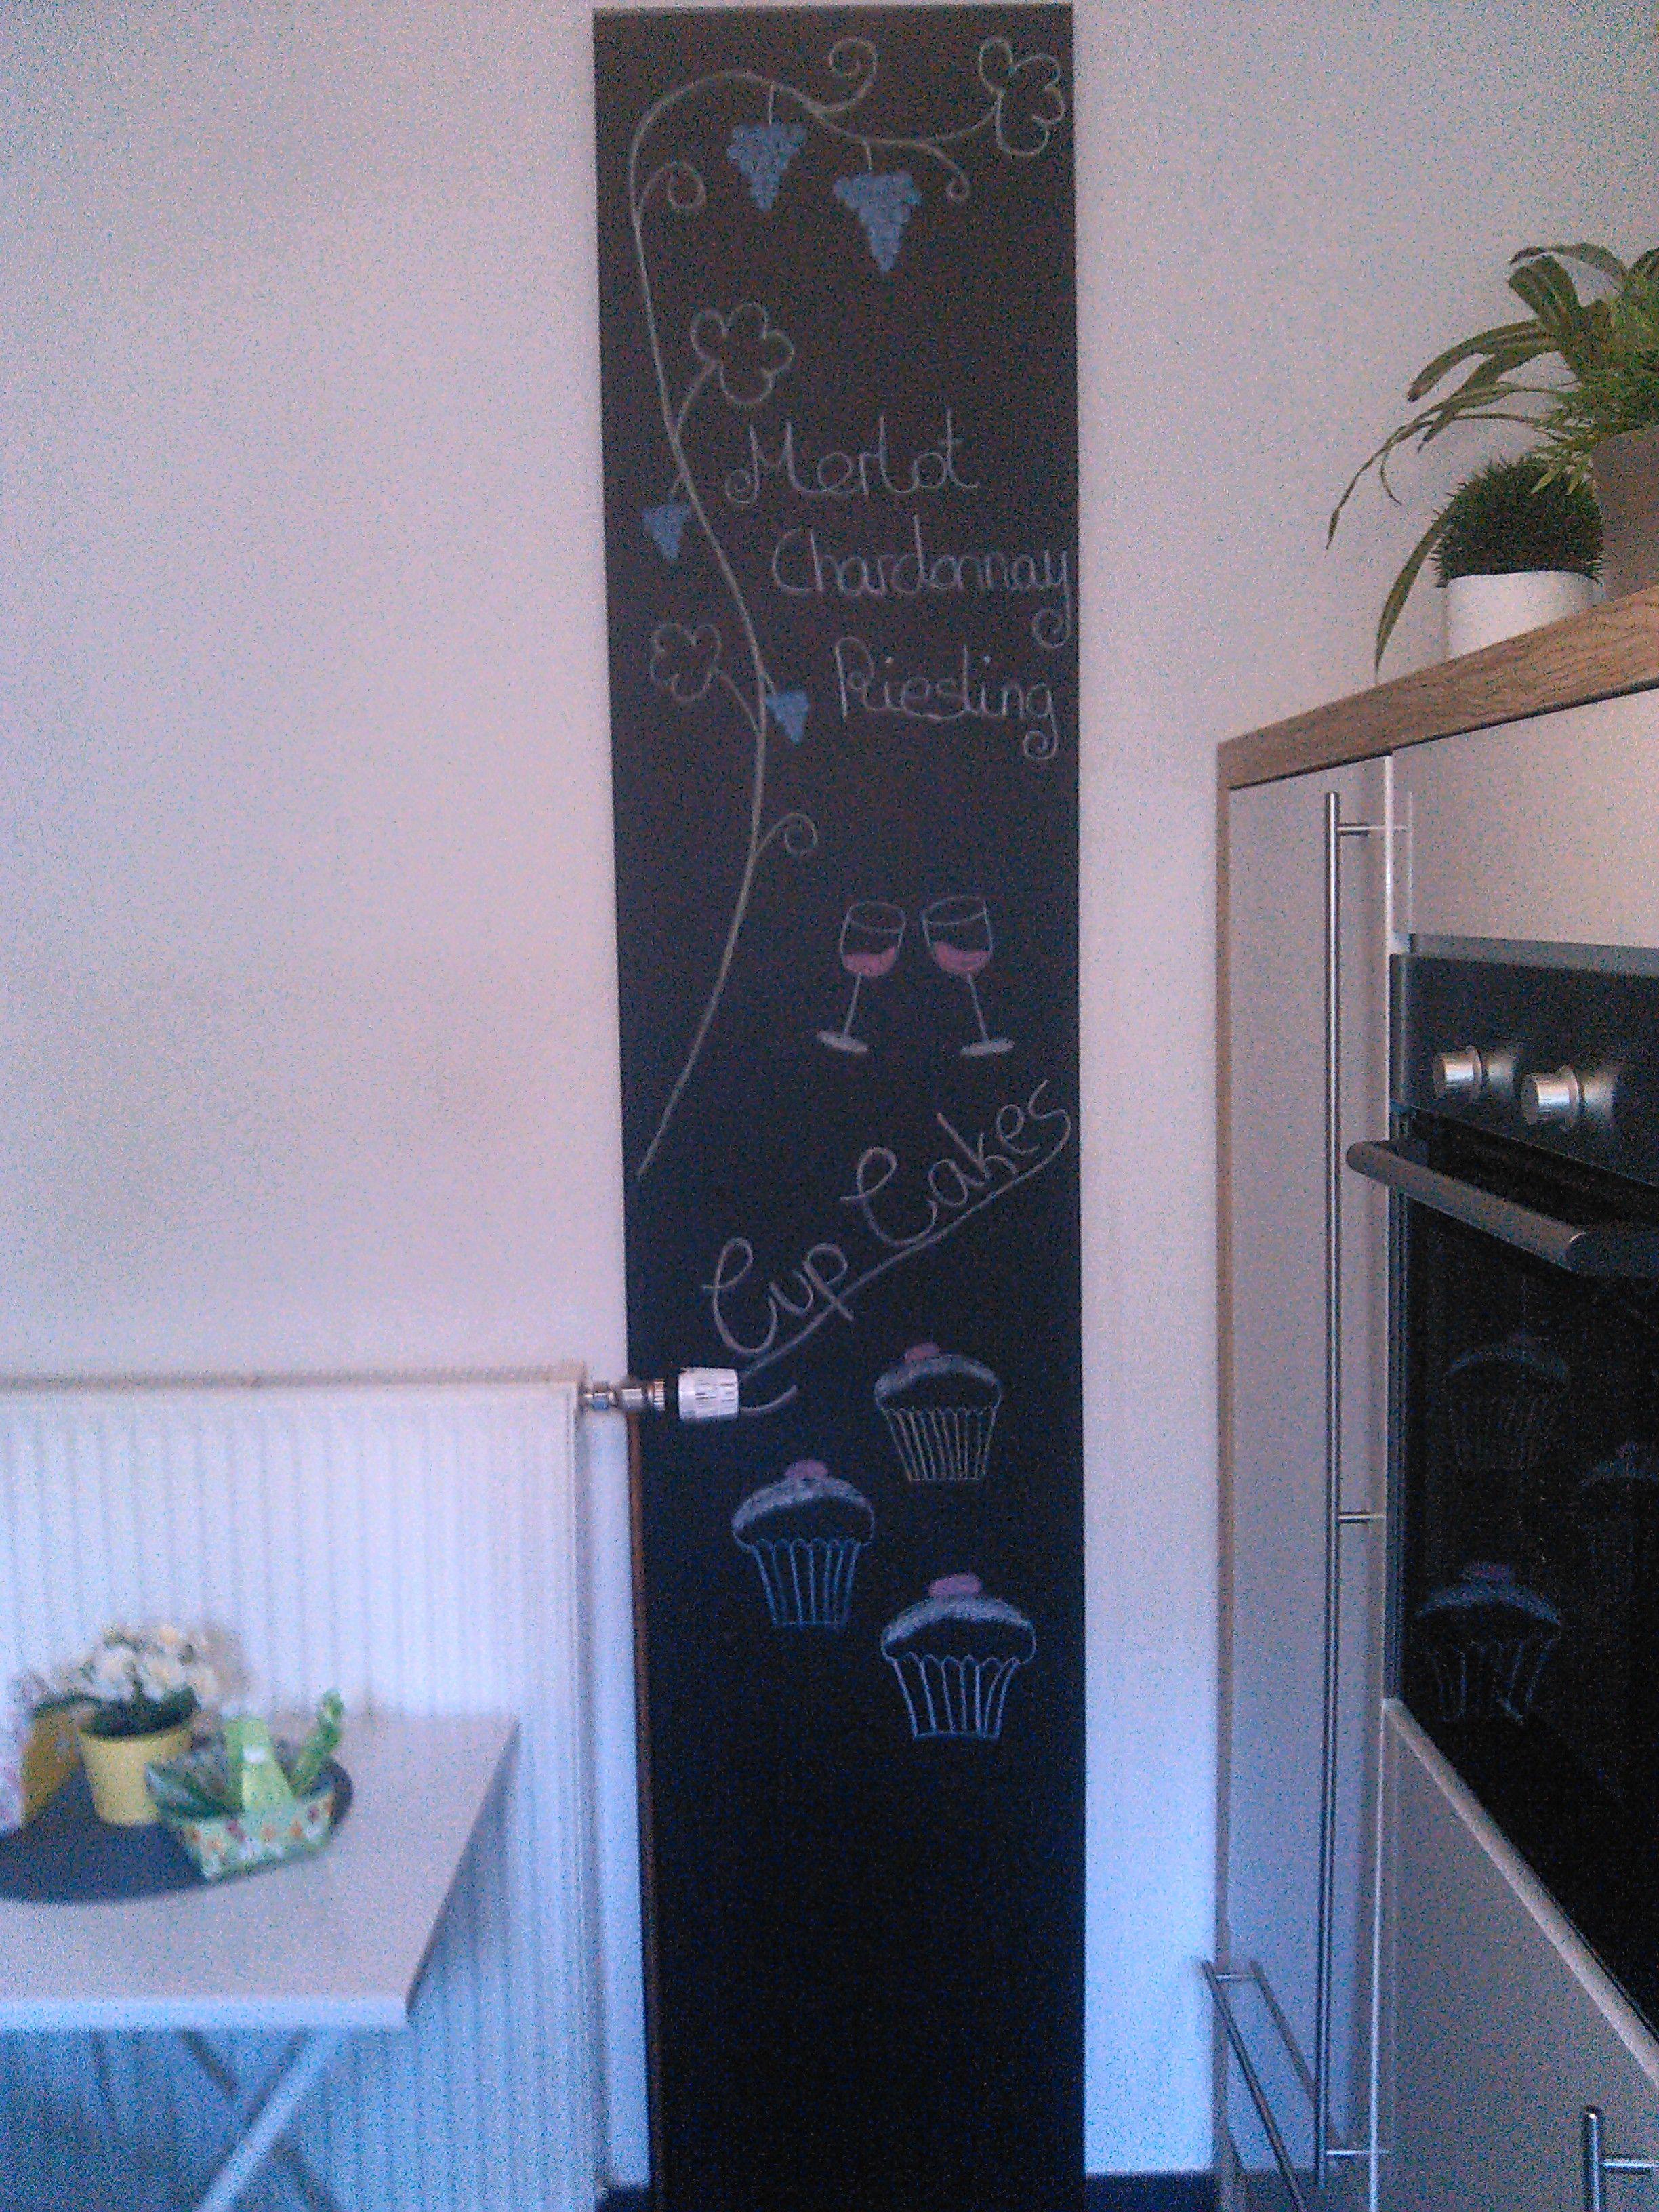 Gestaltungsidee für eine DIY-Tafelwand in der Küche | DIY - Do it ...